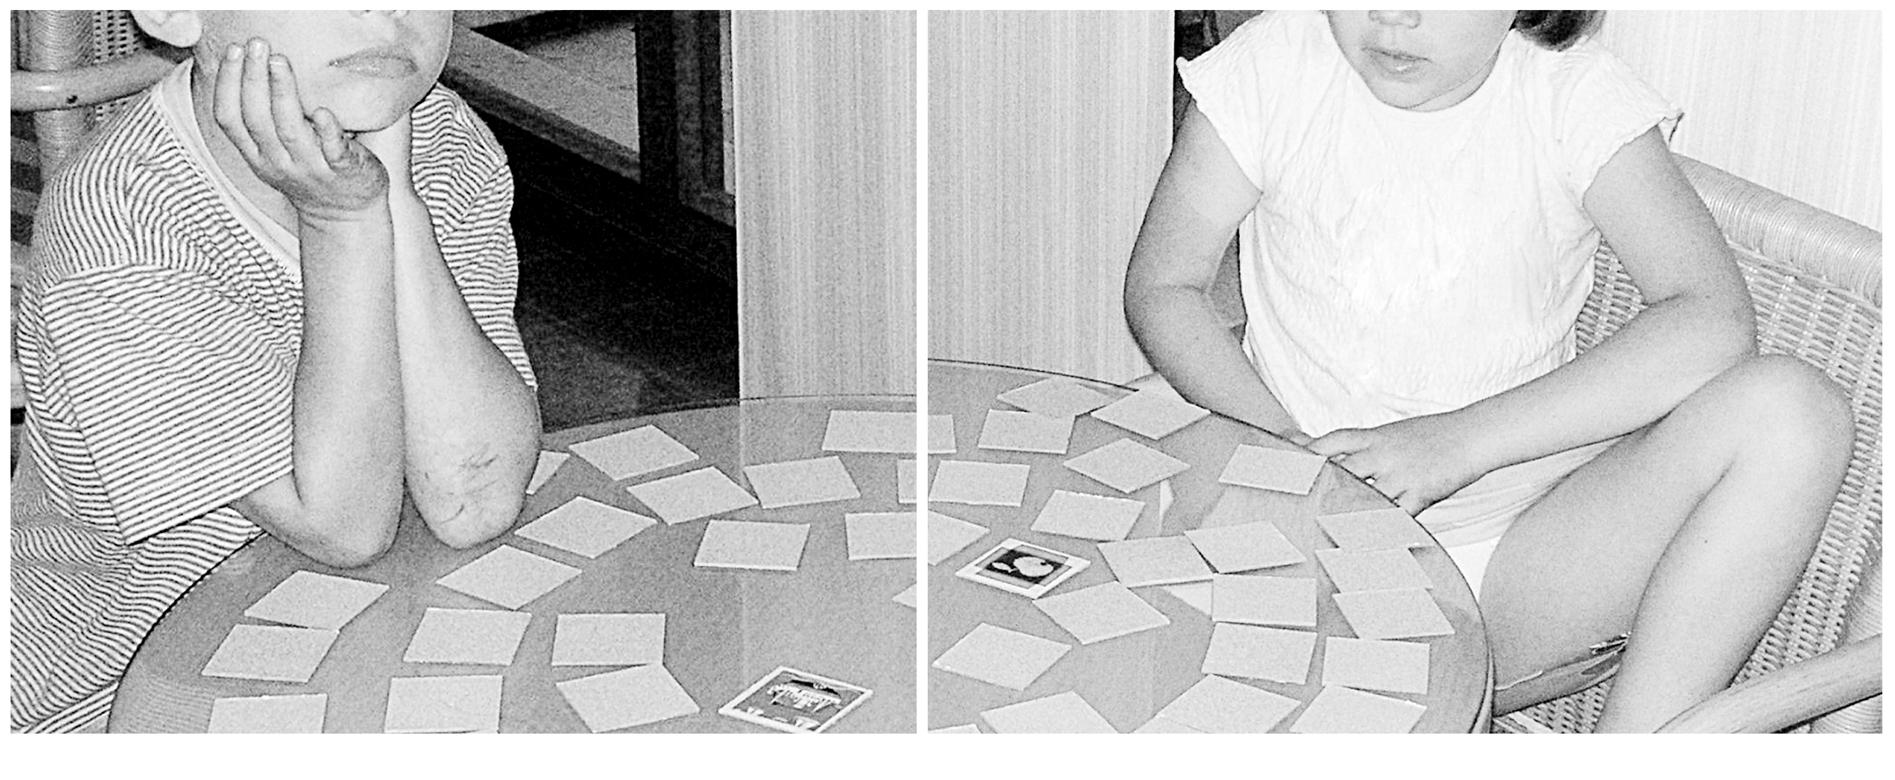 PRIVATE MEMORY bambini copia.jpg